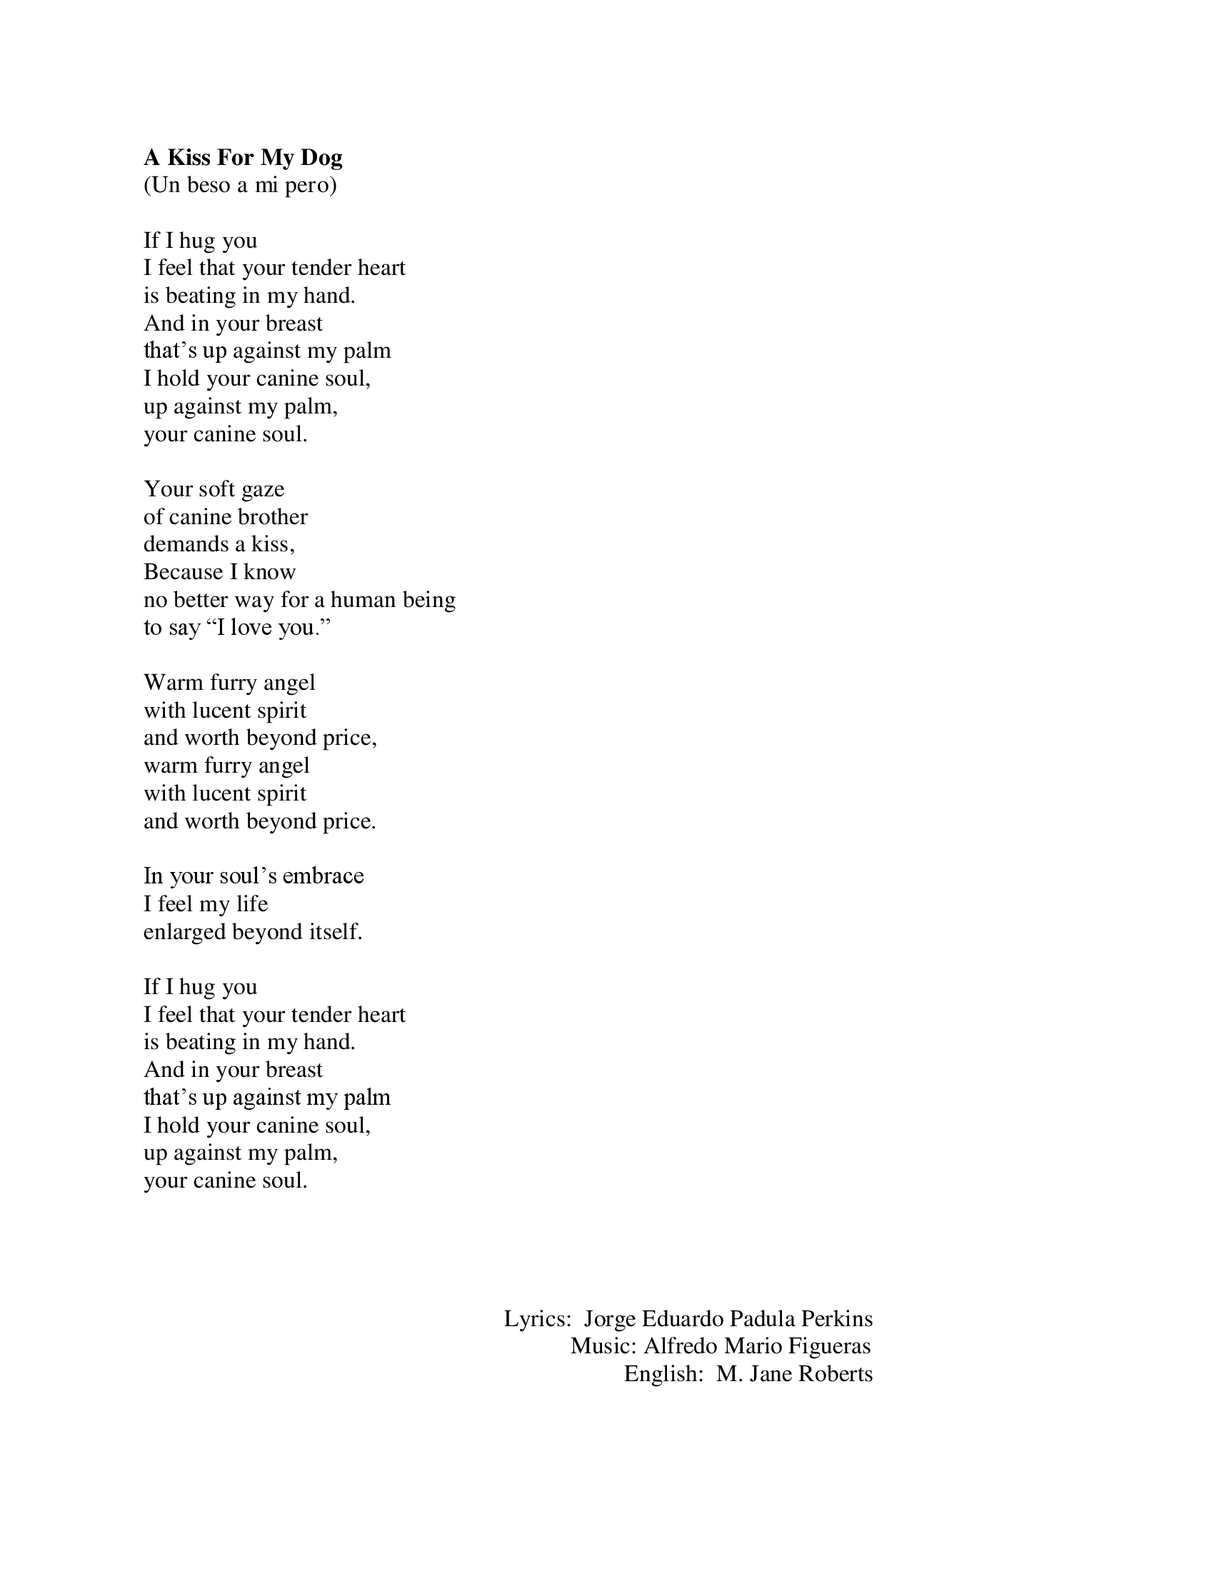 Un Beso Lyrics In English : lyrics, english, Calaméo